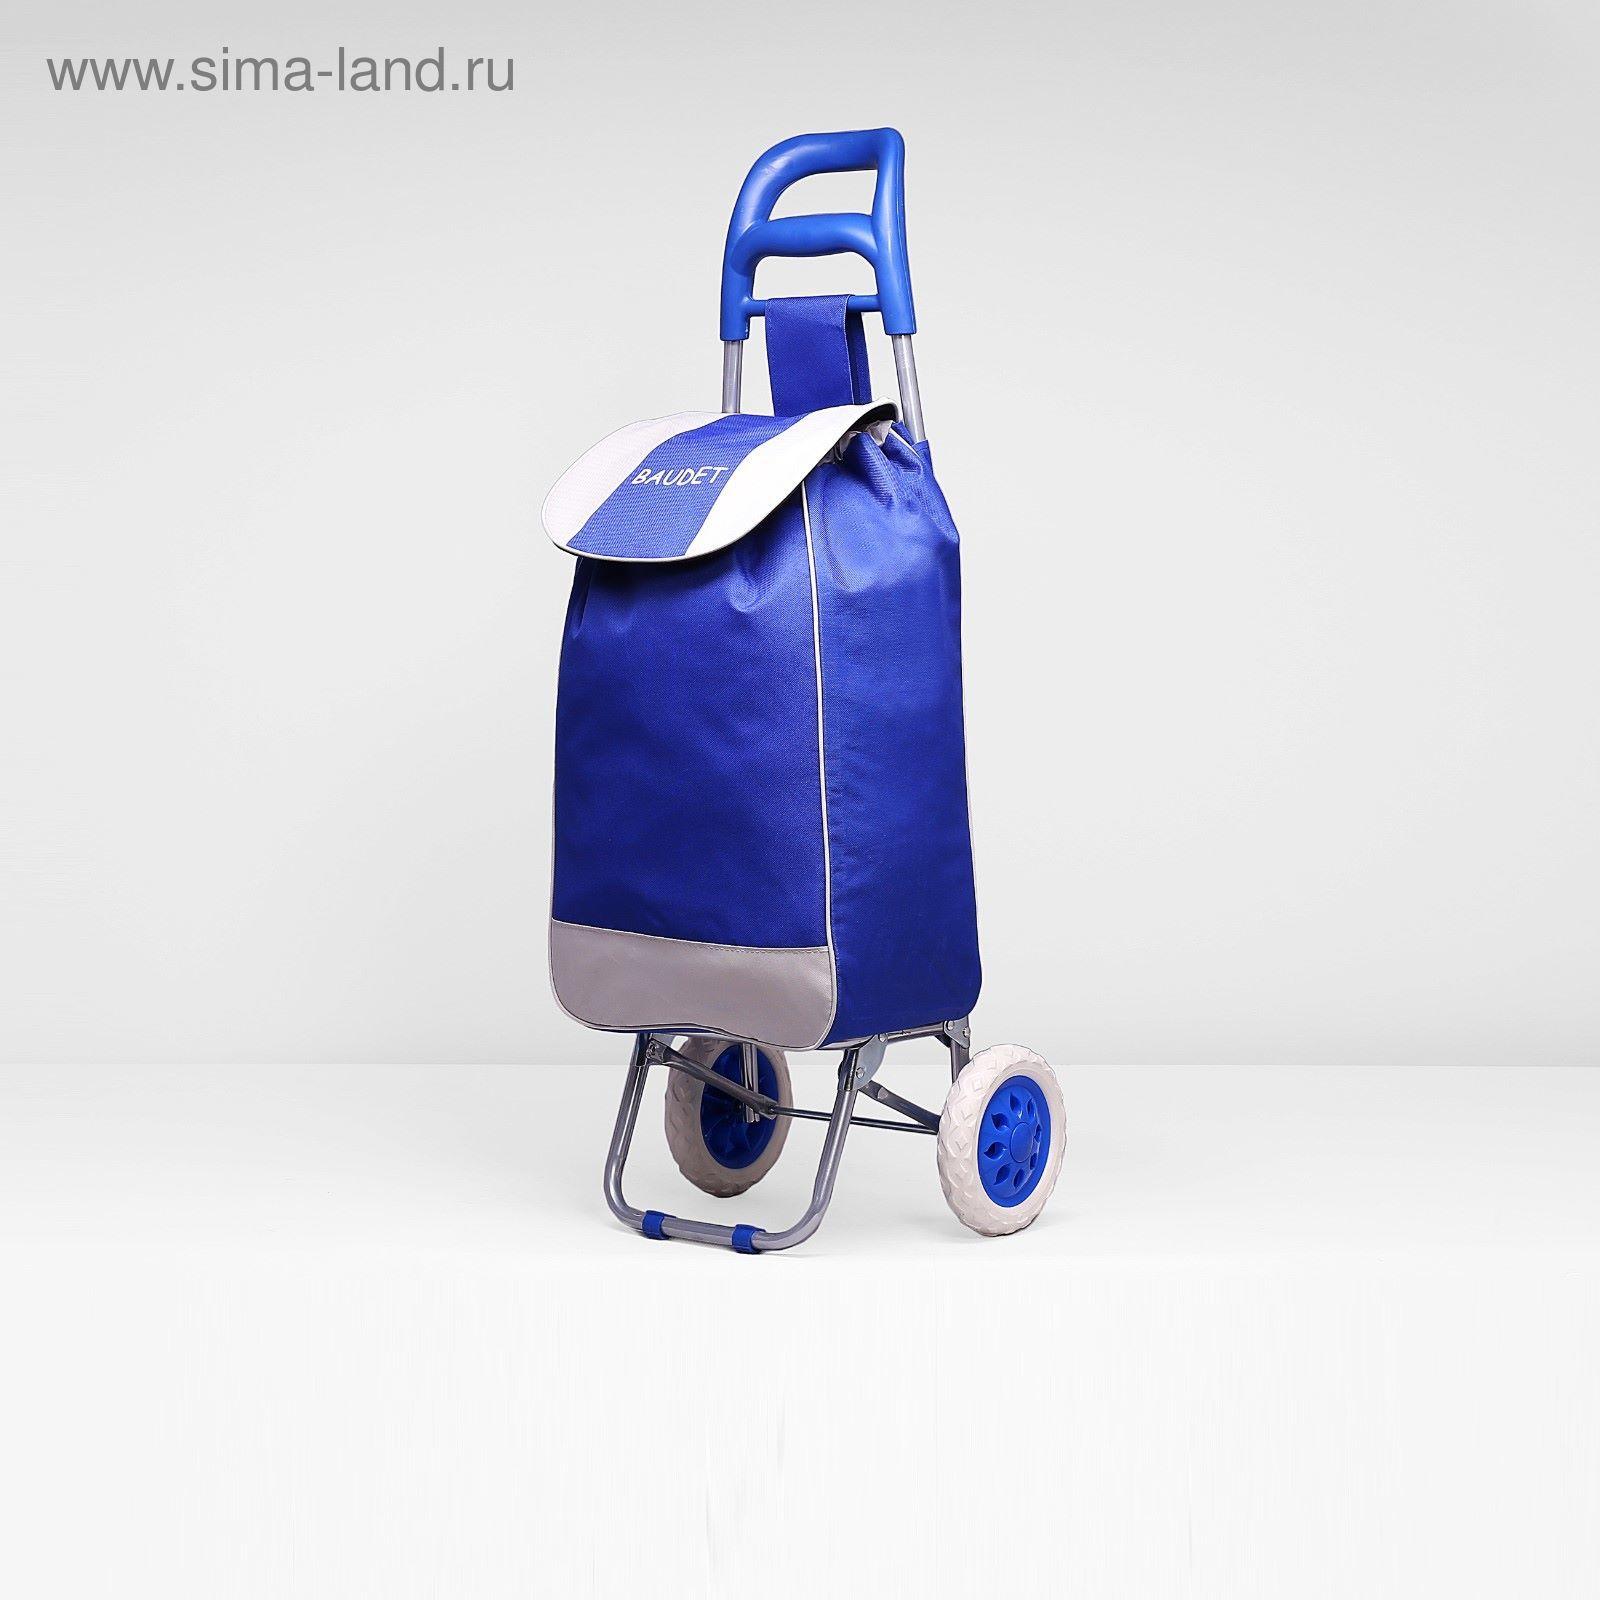 f6acf4119441 Сумка-тележка, хозяйственная, на колёсах, 33 л, цвет синий серый ...